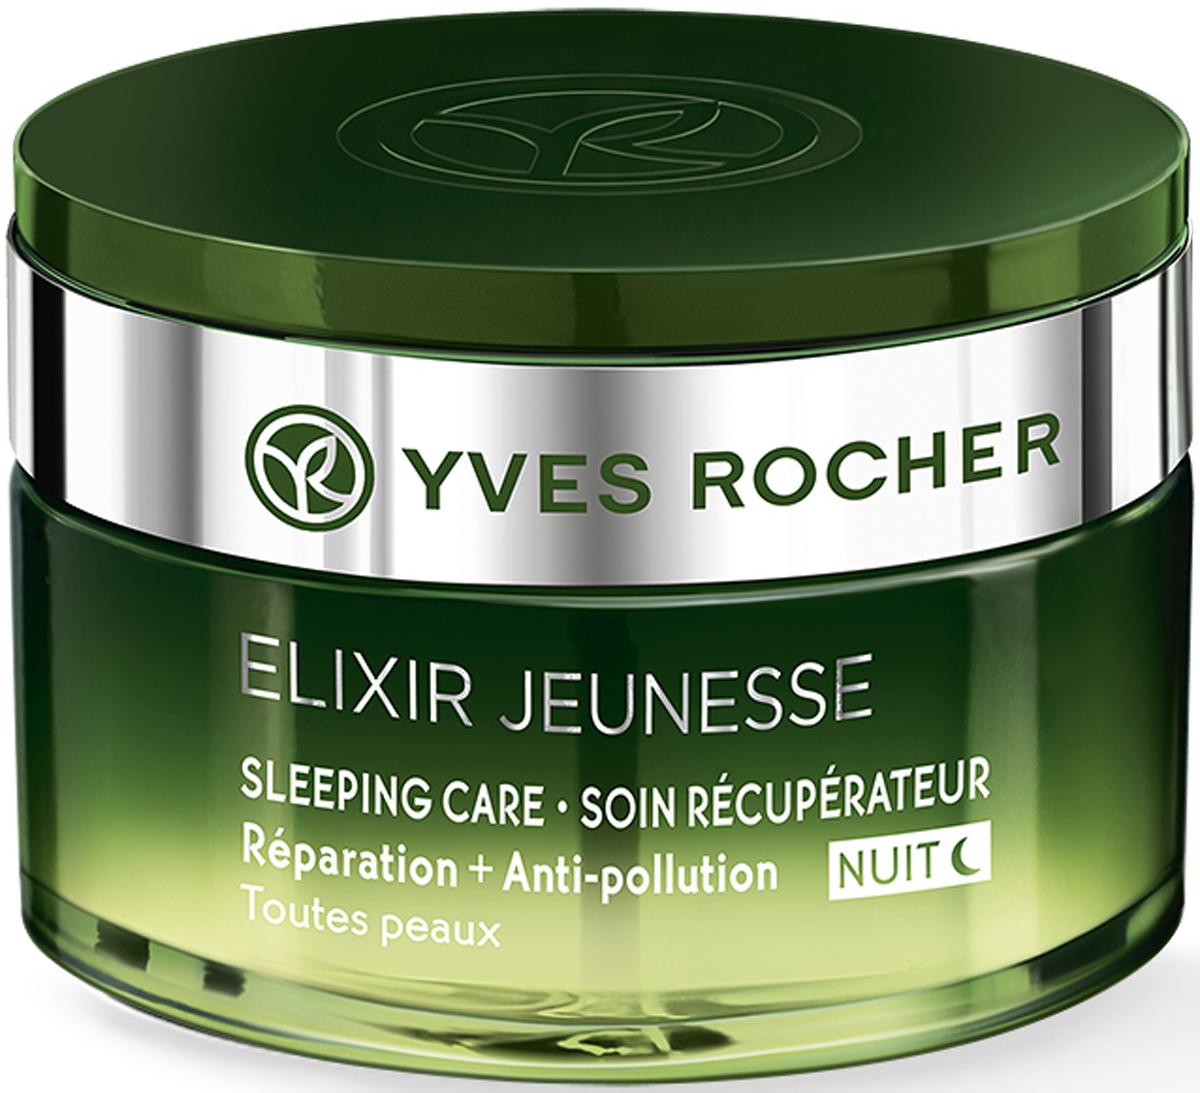 Yves Rocher ночной уход-маска, 50 мл15070Вы нуждаетесь в эффективном восстановление кожи, а также ее защите от вредных факторов окружающей среды? Откройте для себя Ночной Уход-Маску, обогащенный Концентрированным Экстрактом Афлои. Исследователи Растительной Косметики Ив Роше выбрали Афлою за ее исключительную способность к защите от негативных факторов окружающей среды. Концентрированный Экстракт Афлои борется с воздействием катализаторов старения (загрязнение окружающей среды, УФ-излучение, усталость, стресс), укрепляет структуру кожи и сокращает негативное воздействие загрязняющих веществ. Уже после первого пробуждения кожа выглядит гладкой и подтянутой, она дышит и обретает естественное сияние. День за днем морщины сокращаются в 95% случаев. Инновационная гелевая текстура насыщает кожу влагой, она выглядит свежей и отдохнувшей.